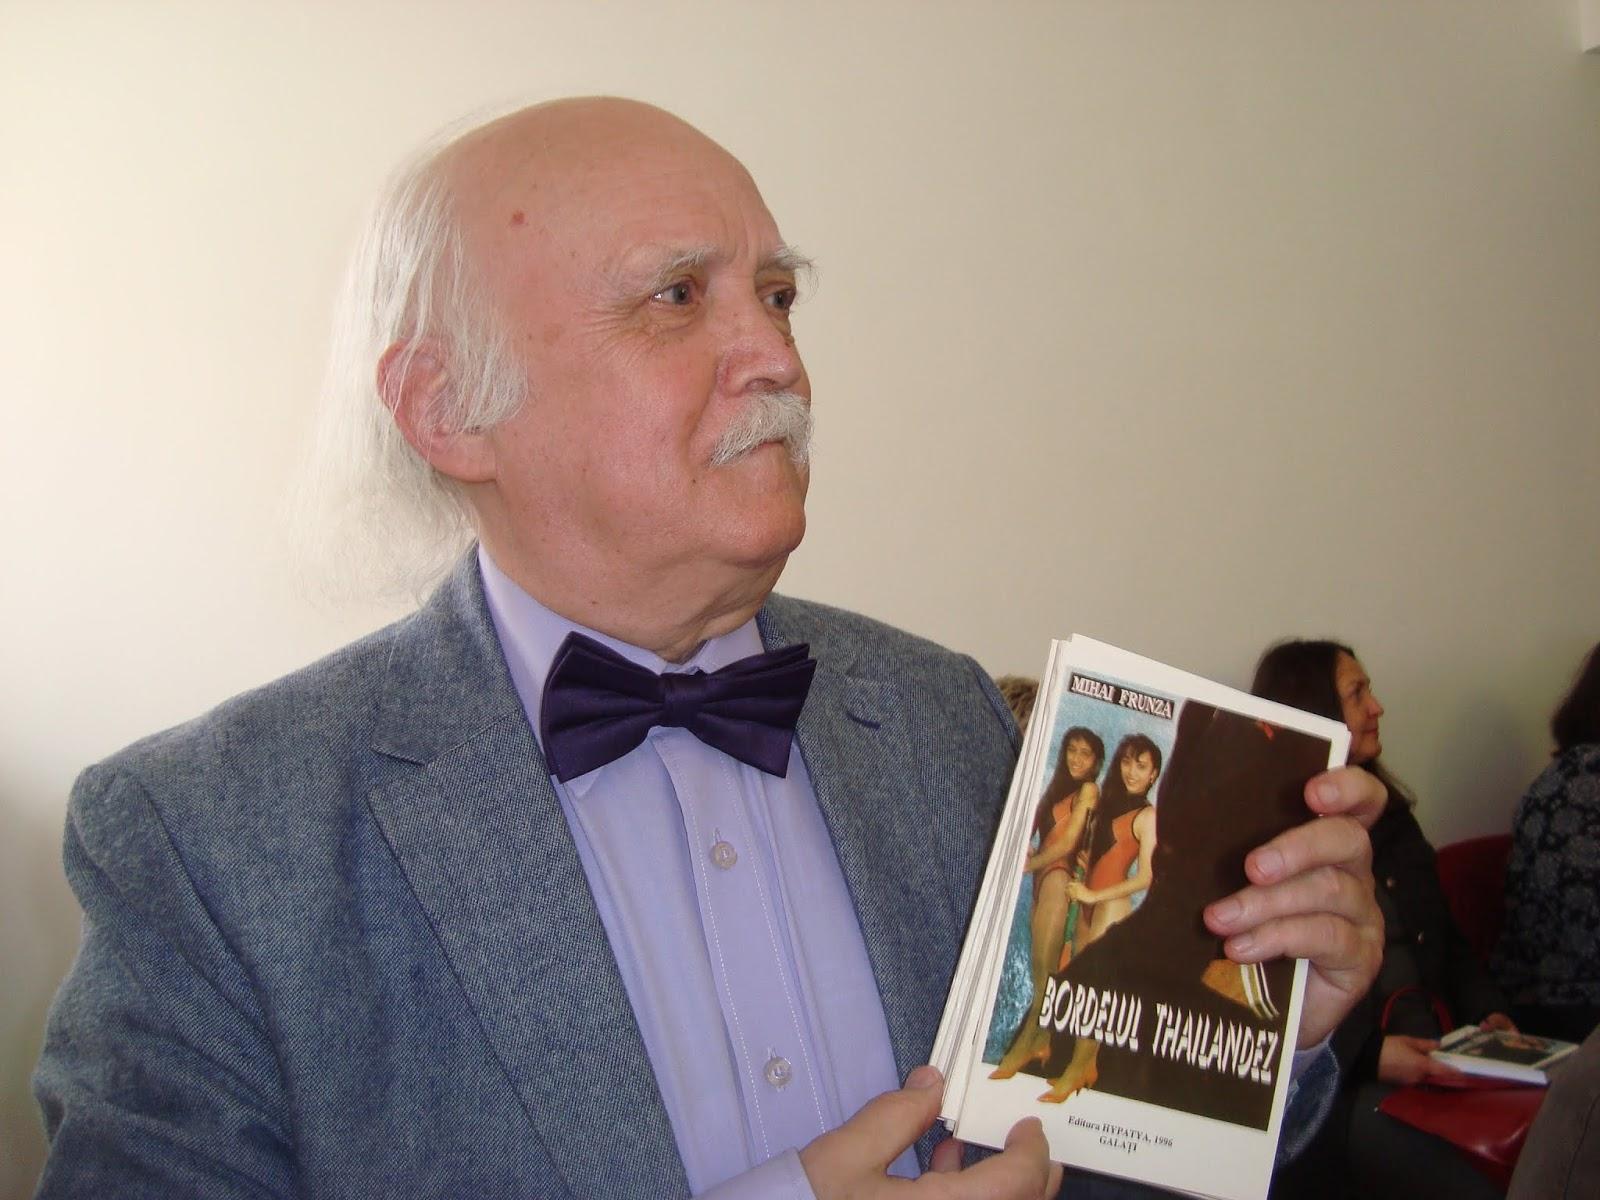 caut o doamna singura in topola un bărbat din Oradea cauta femei din Alba Iulia